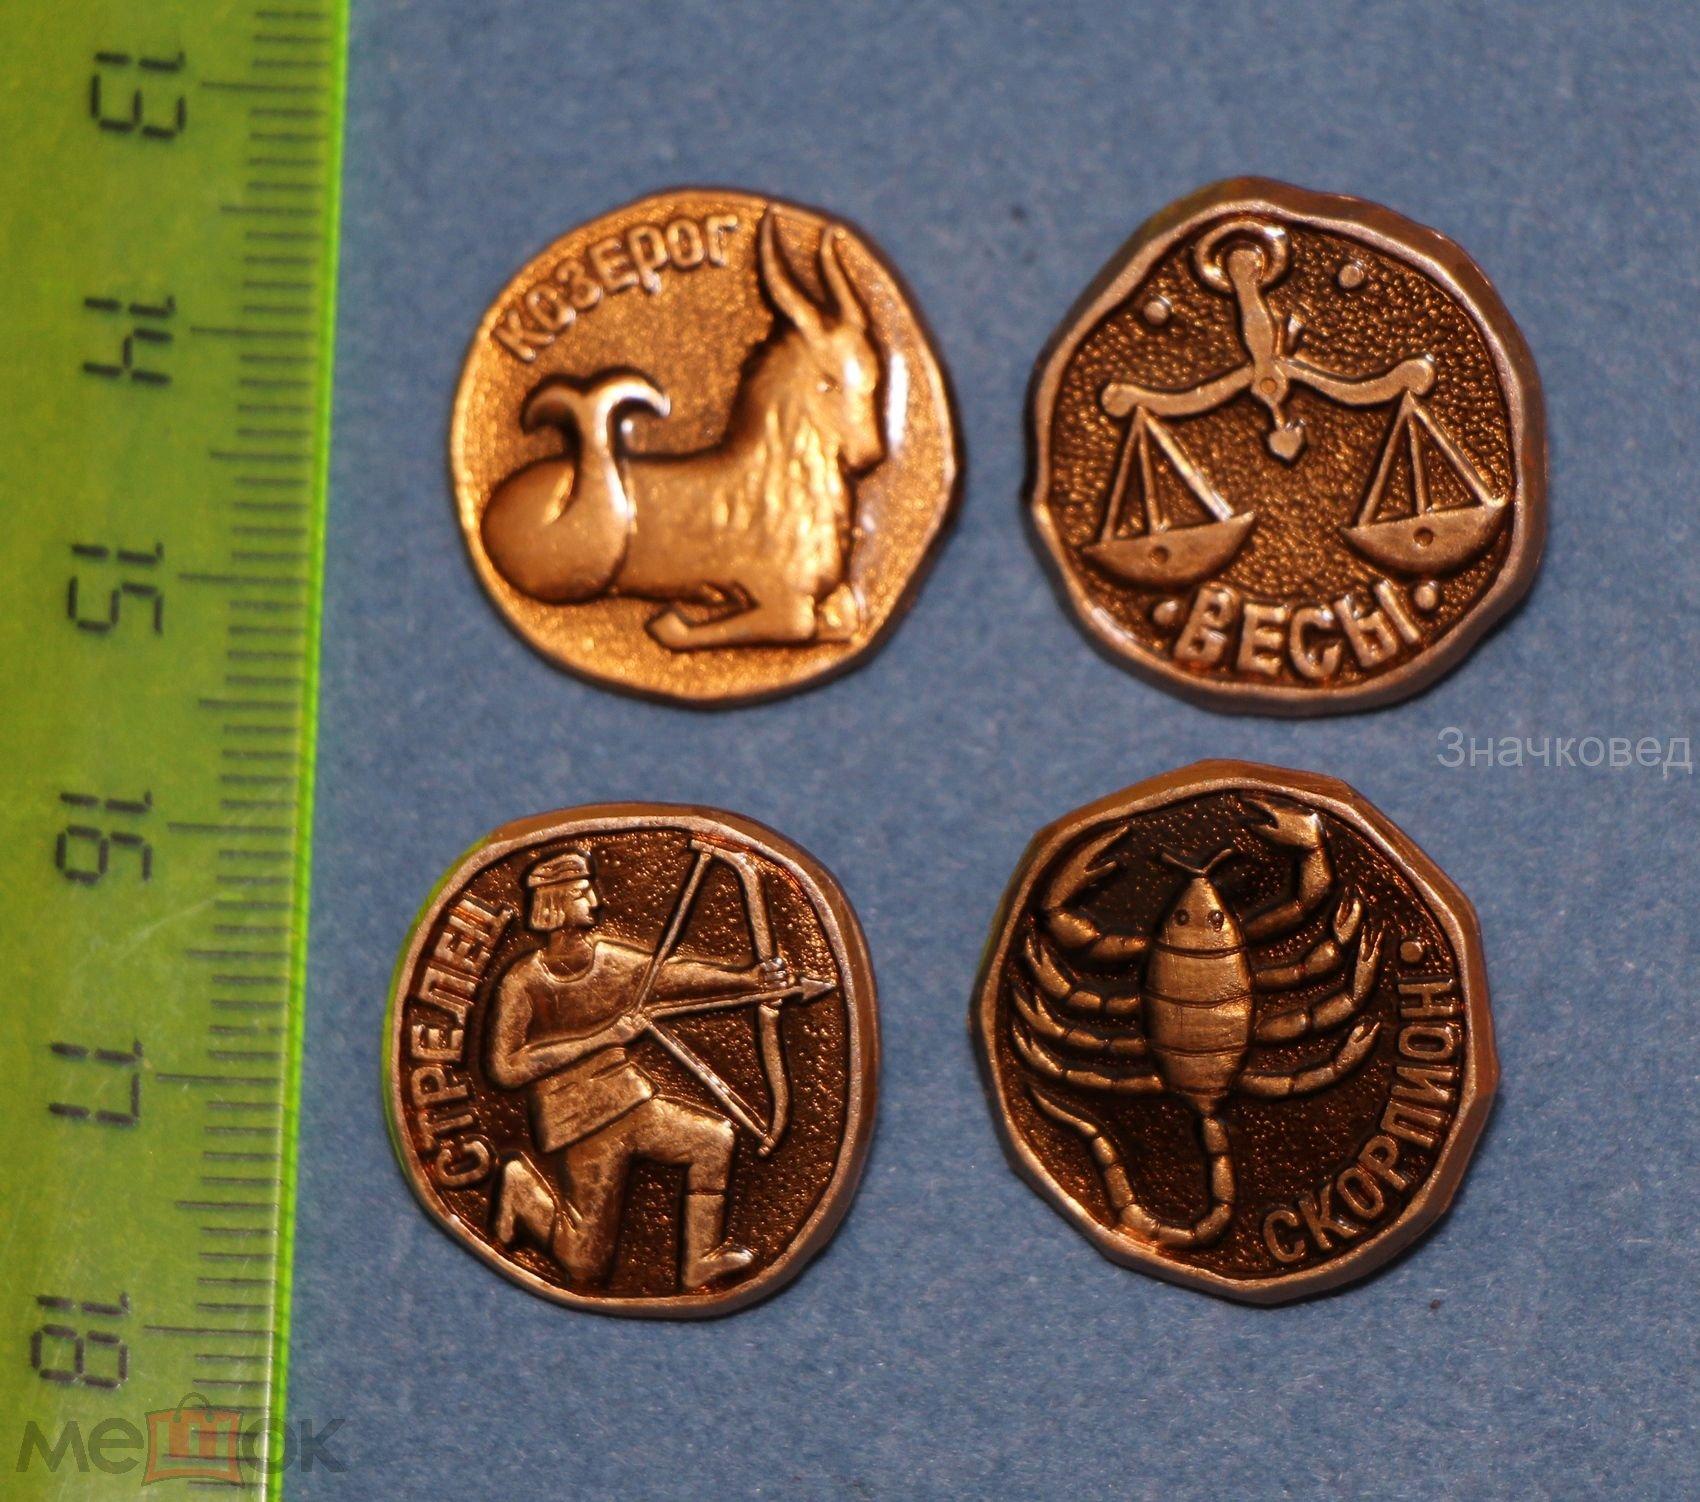 4 значка серия знаки зодиака гороскоп скорпион весы стрелец козерог детские